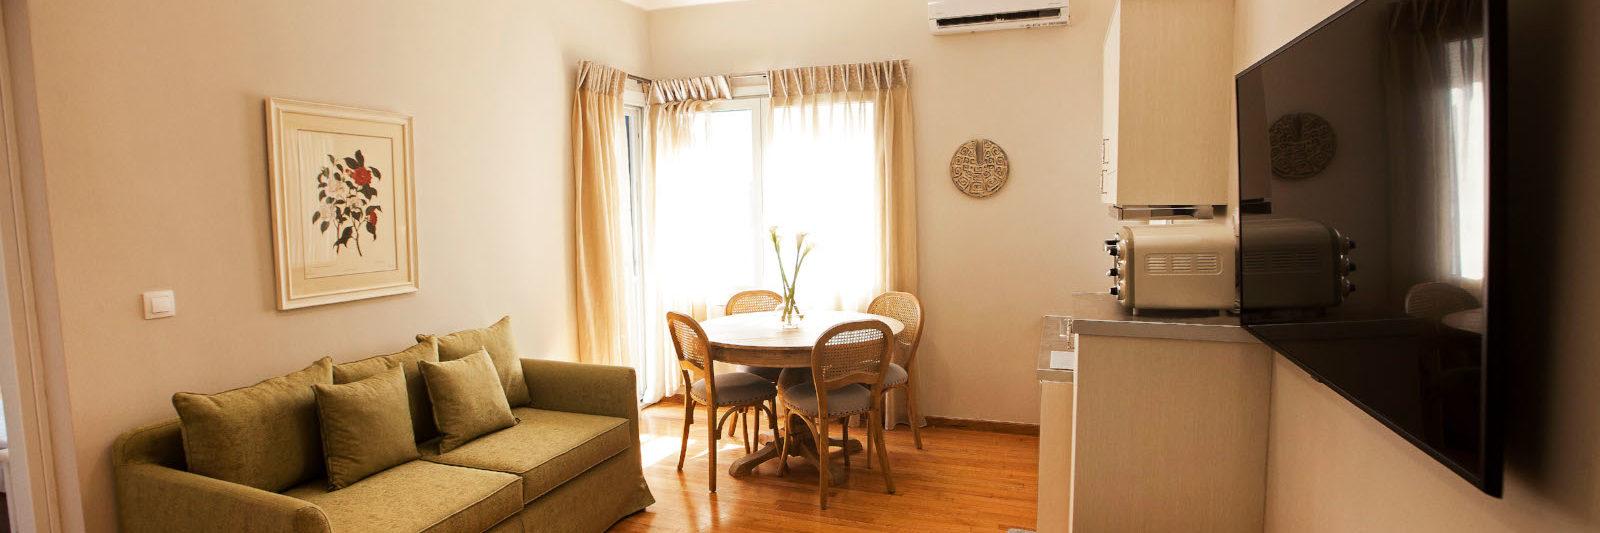 Apartment 4 Featured